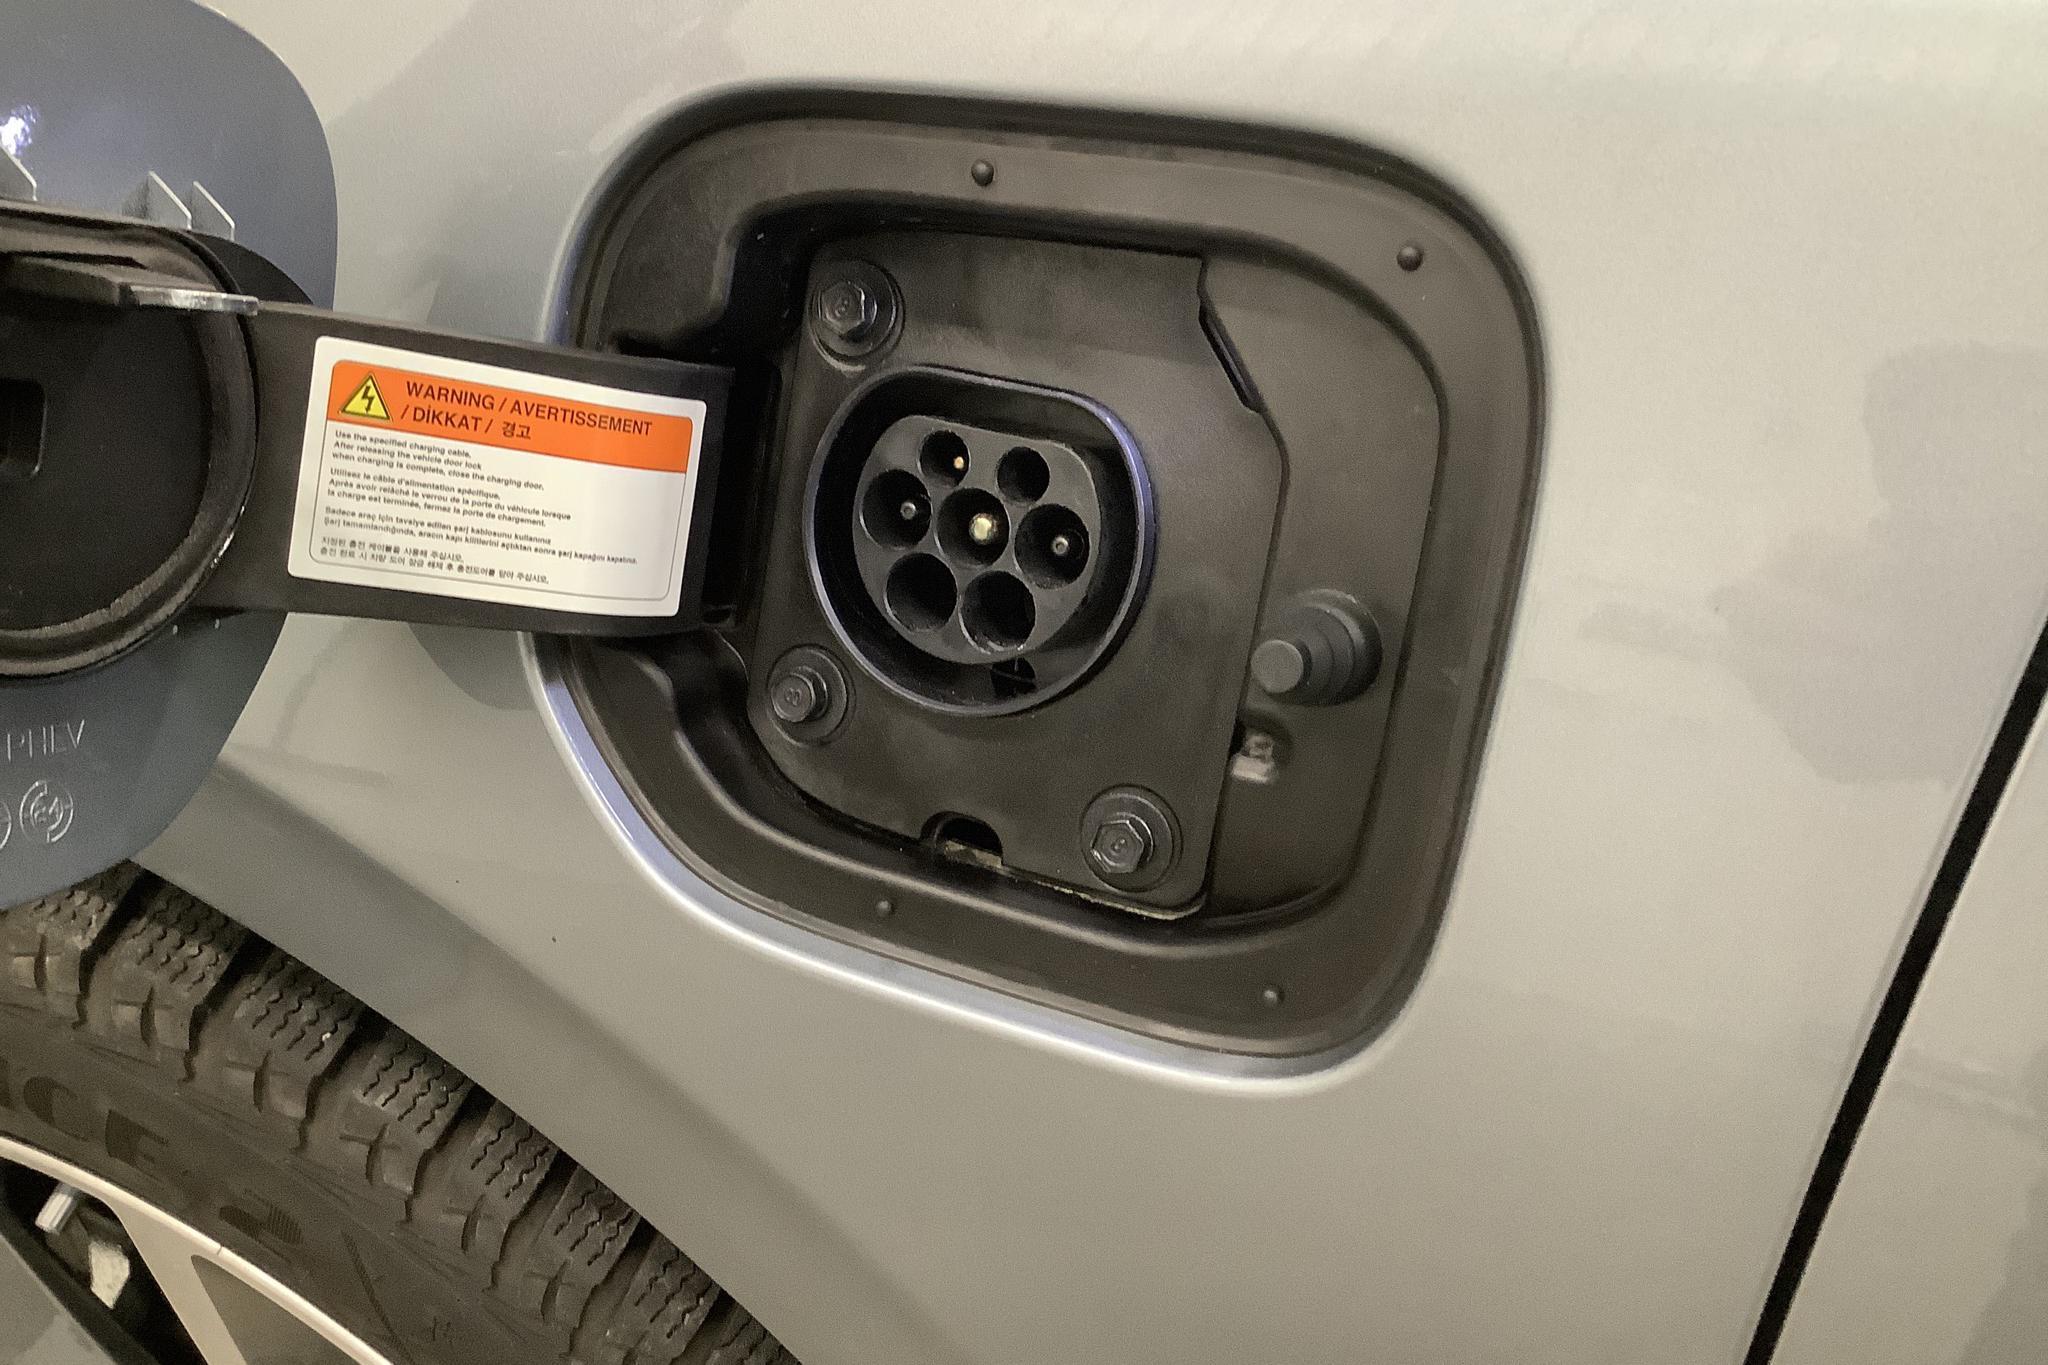 KIA Ceed 1.6 Plug-in Hybrid SW (141hk) - 4 230 km - Automatic - gray - 2020